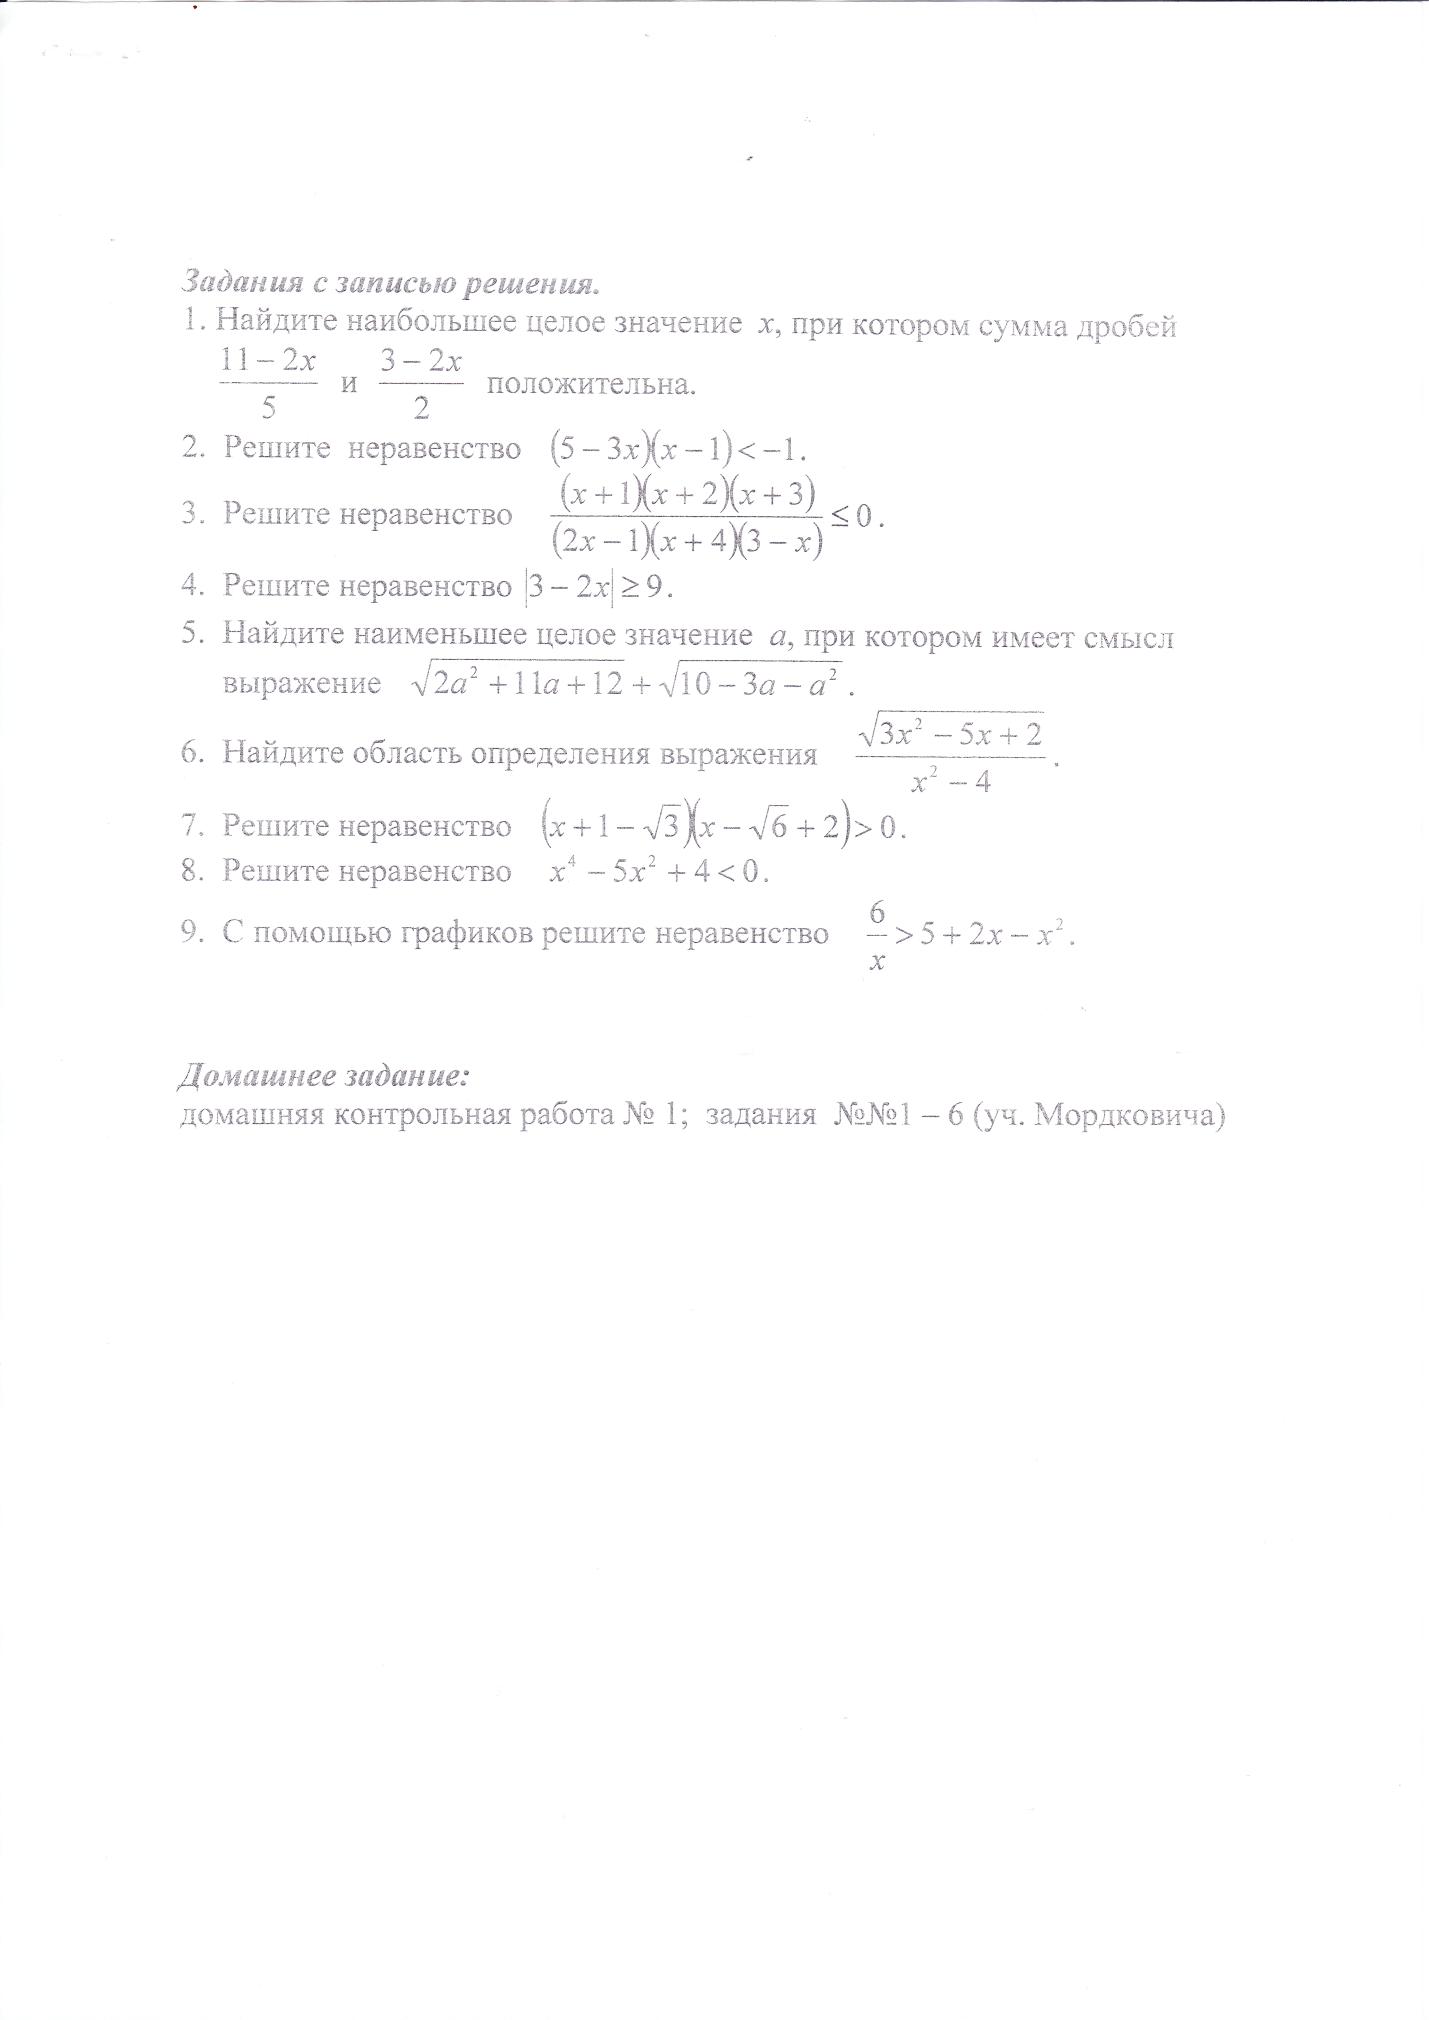 C:\Users\User\Desktop\IMG_0001.bmp